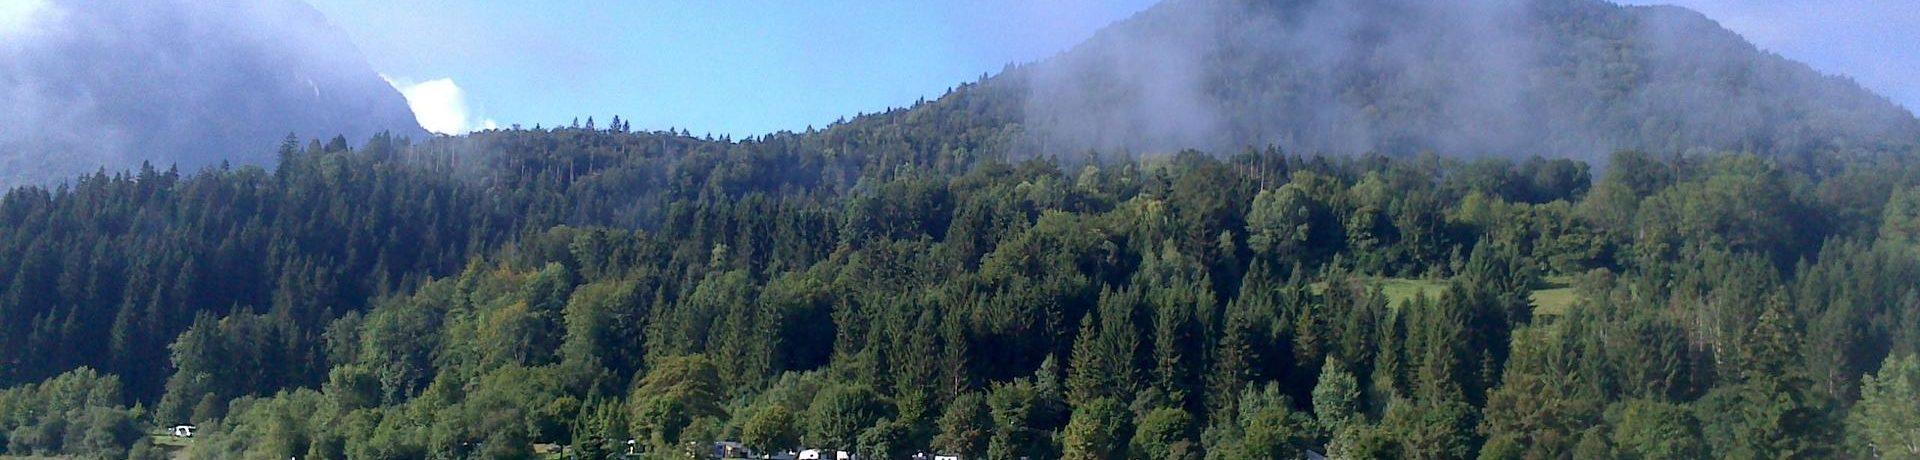 De Camping de L'Île in  Lescheraines is een prachtige natuurcamping gelegen aan de rand van een meer in Savoie.